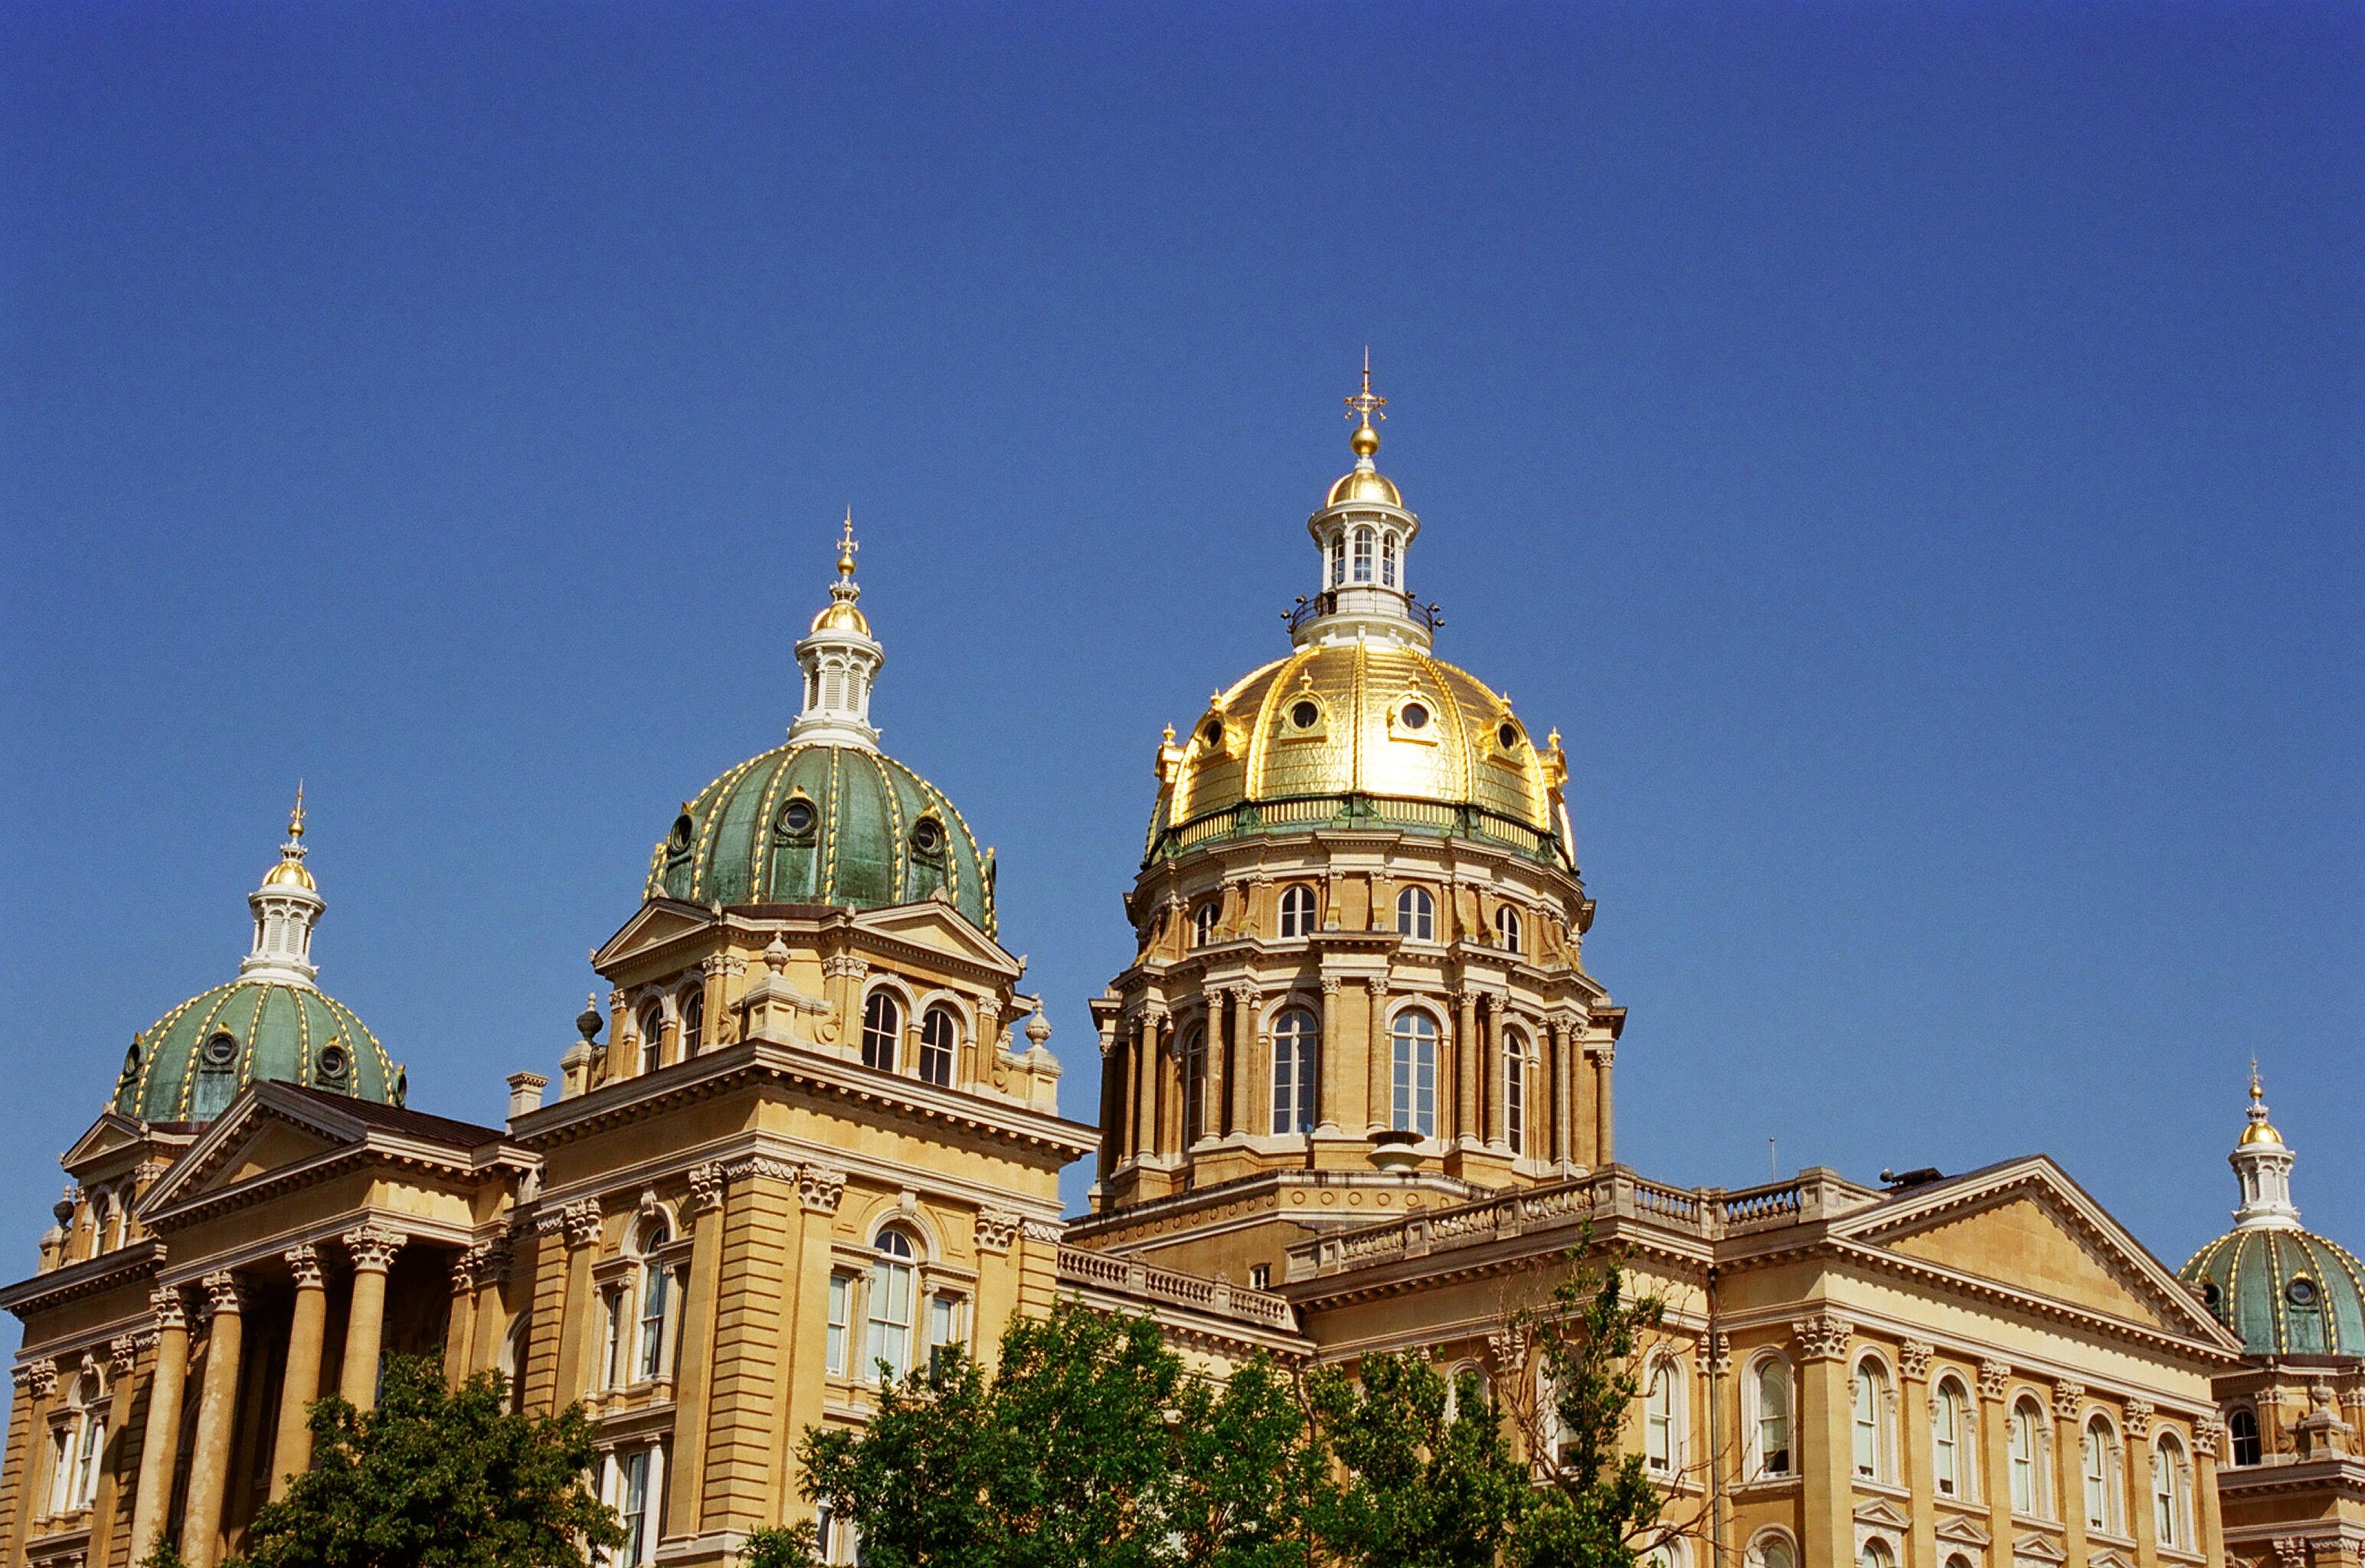 01 Des Moines Capitol